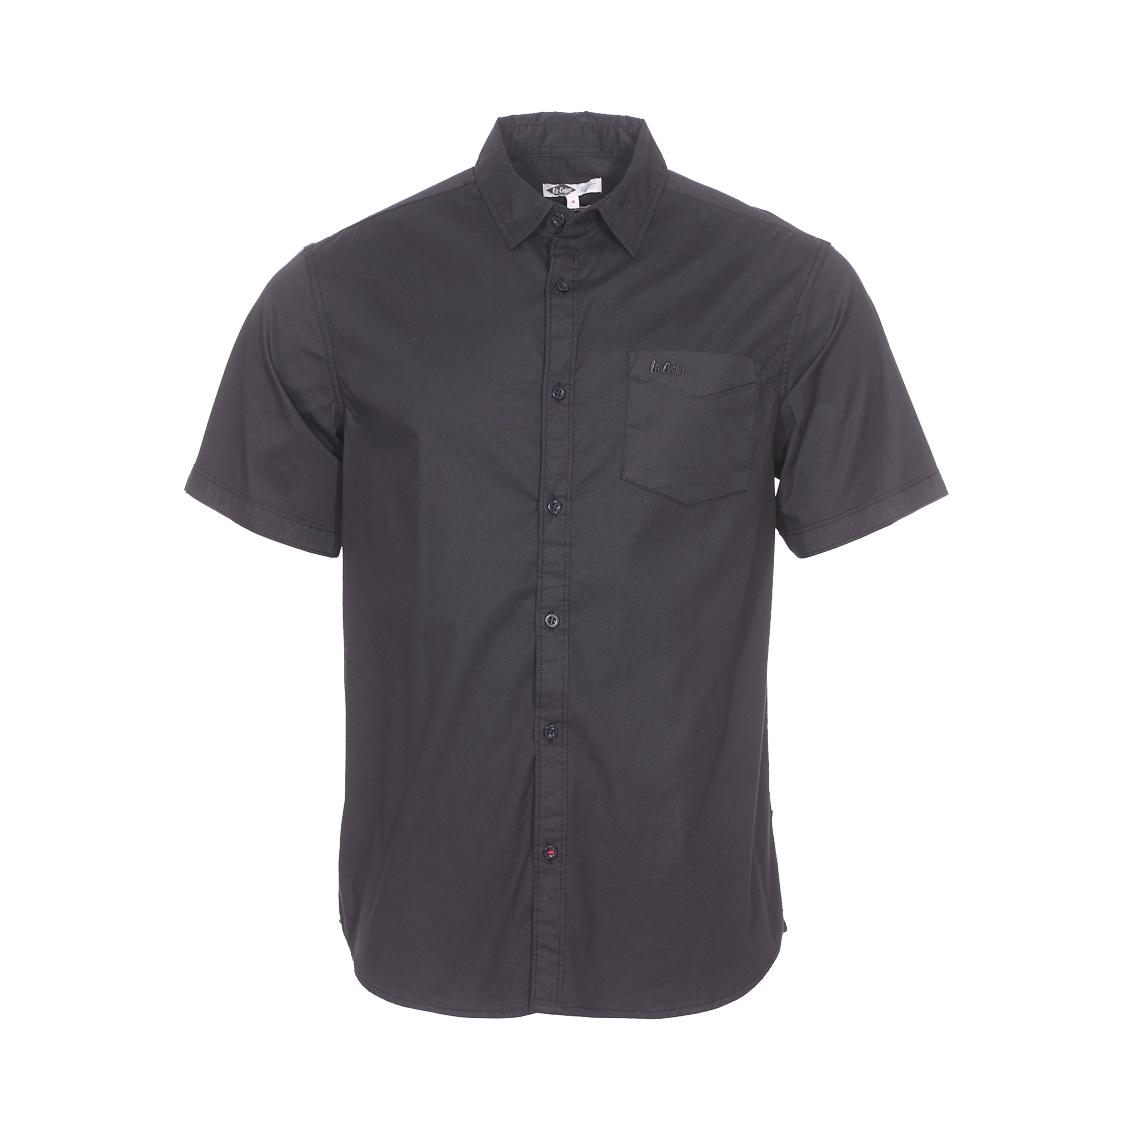 Chemise ajustée manches courtes  dilon en coton stretch noir